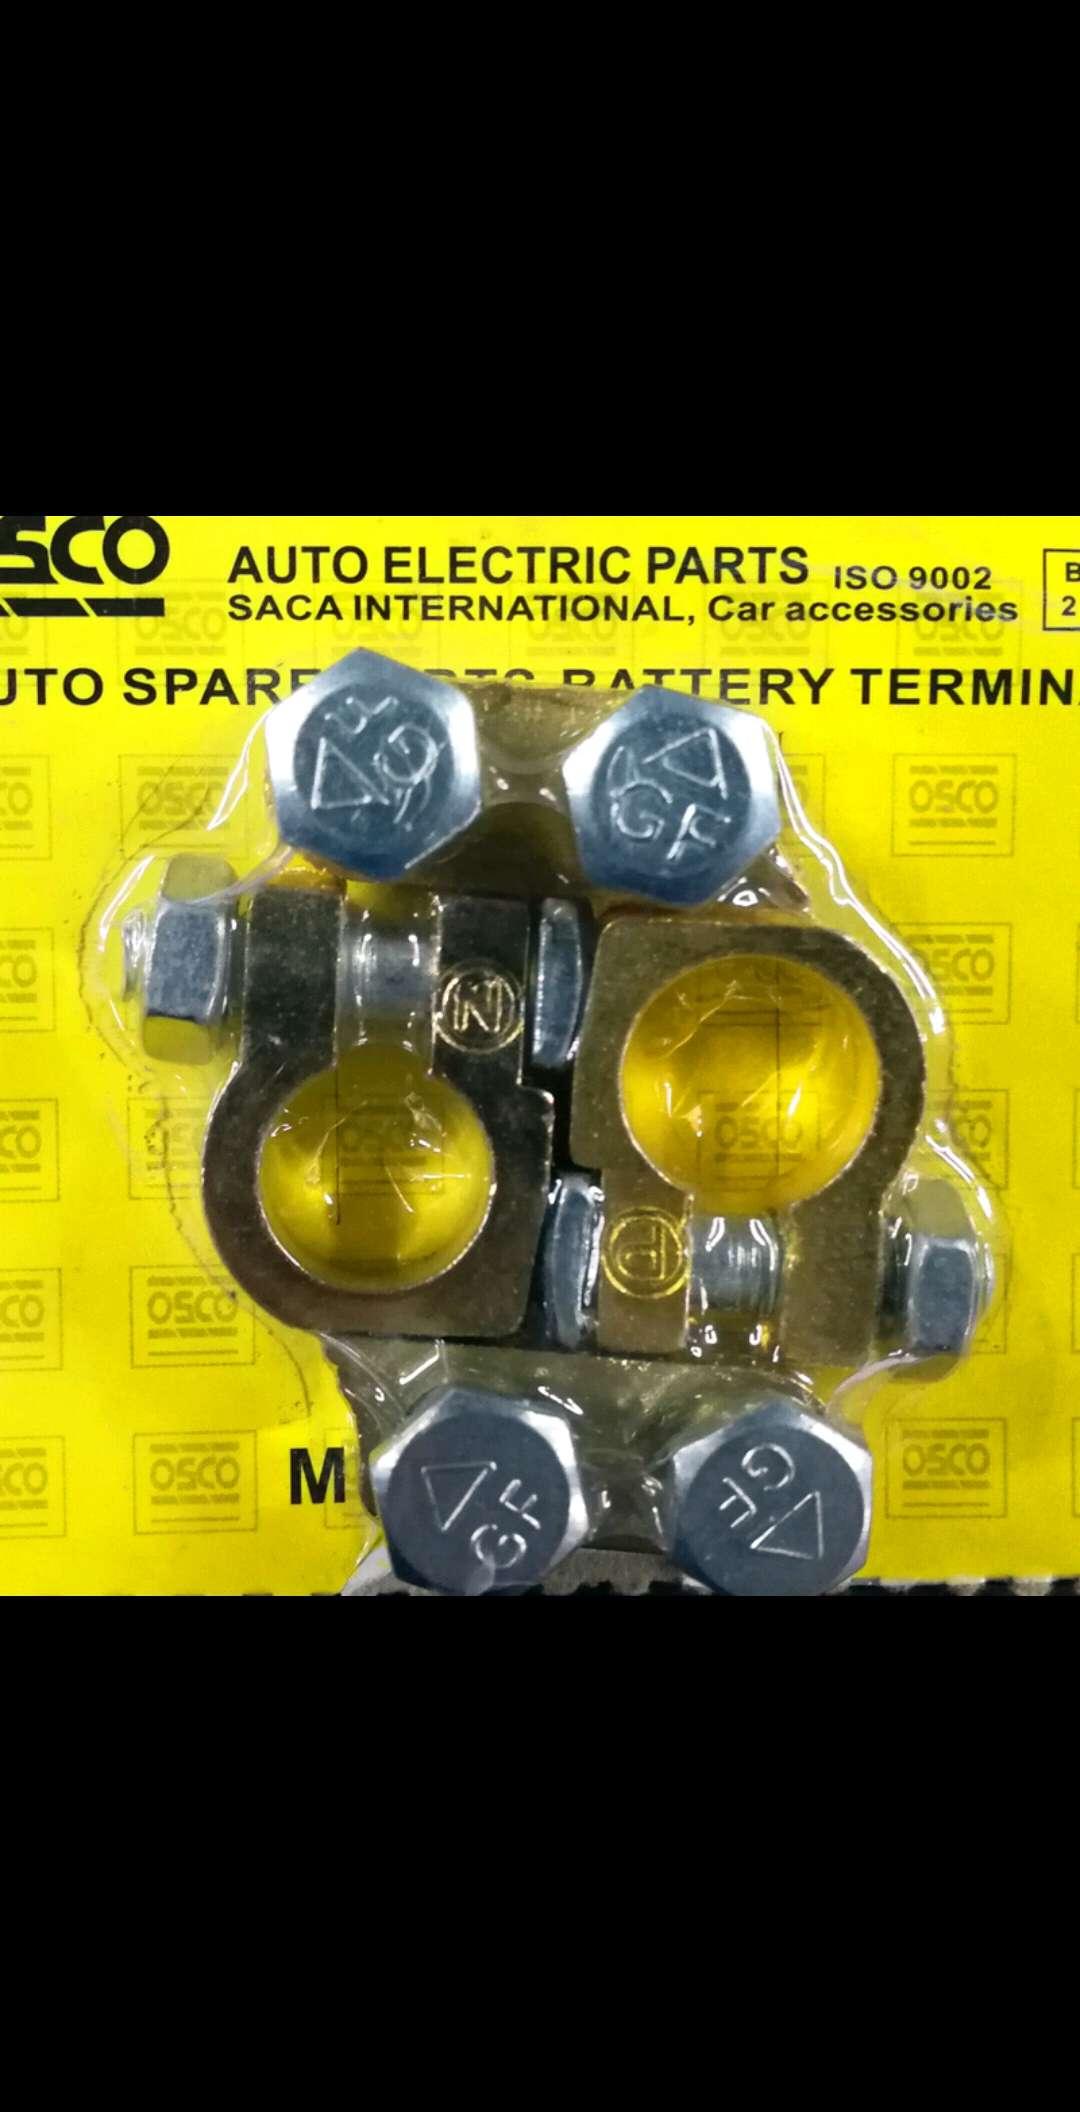 电瓶桩头卡子汽车蓄电池电瓶接线端子夹头电瓶柱接头夹子纯铜